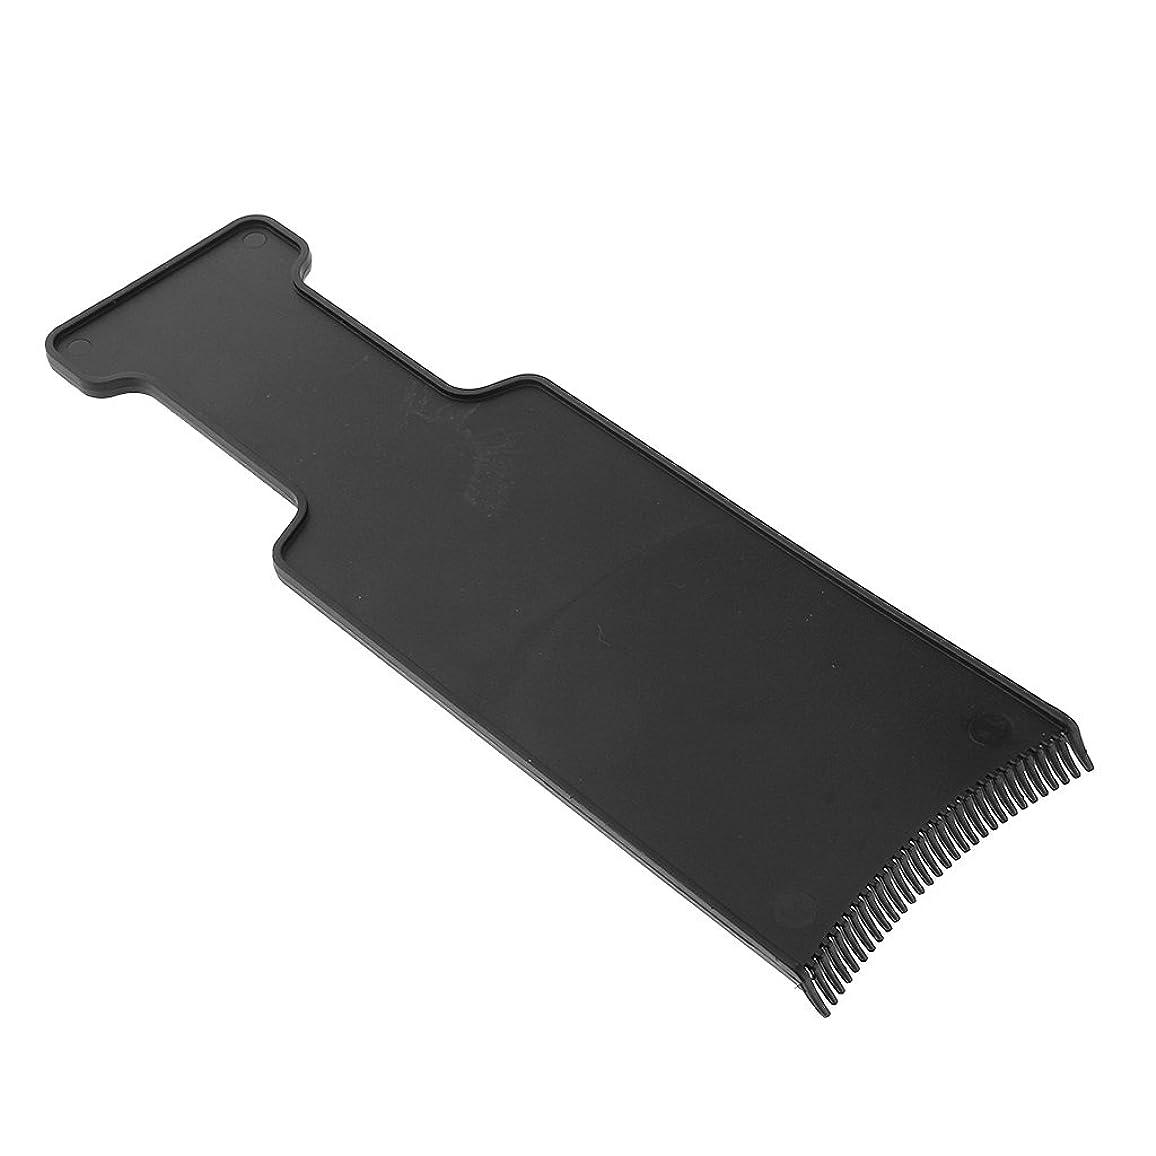 構造的トレース家族Homyl ヘアカラー ボード 染色 ツール ブラック 全4サイズ - M